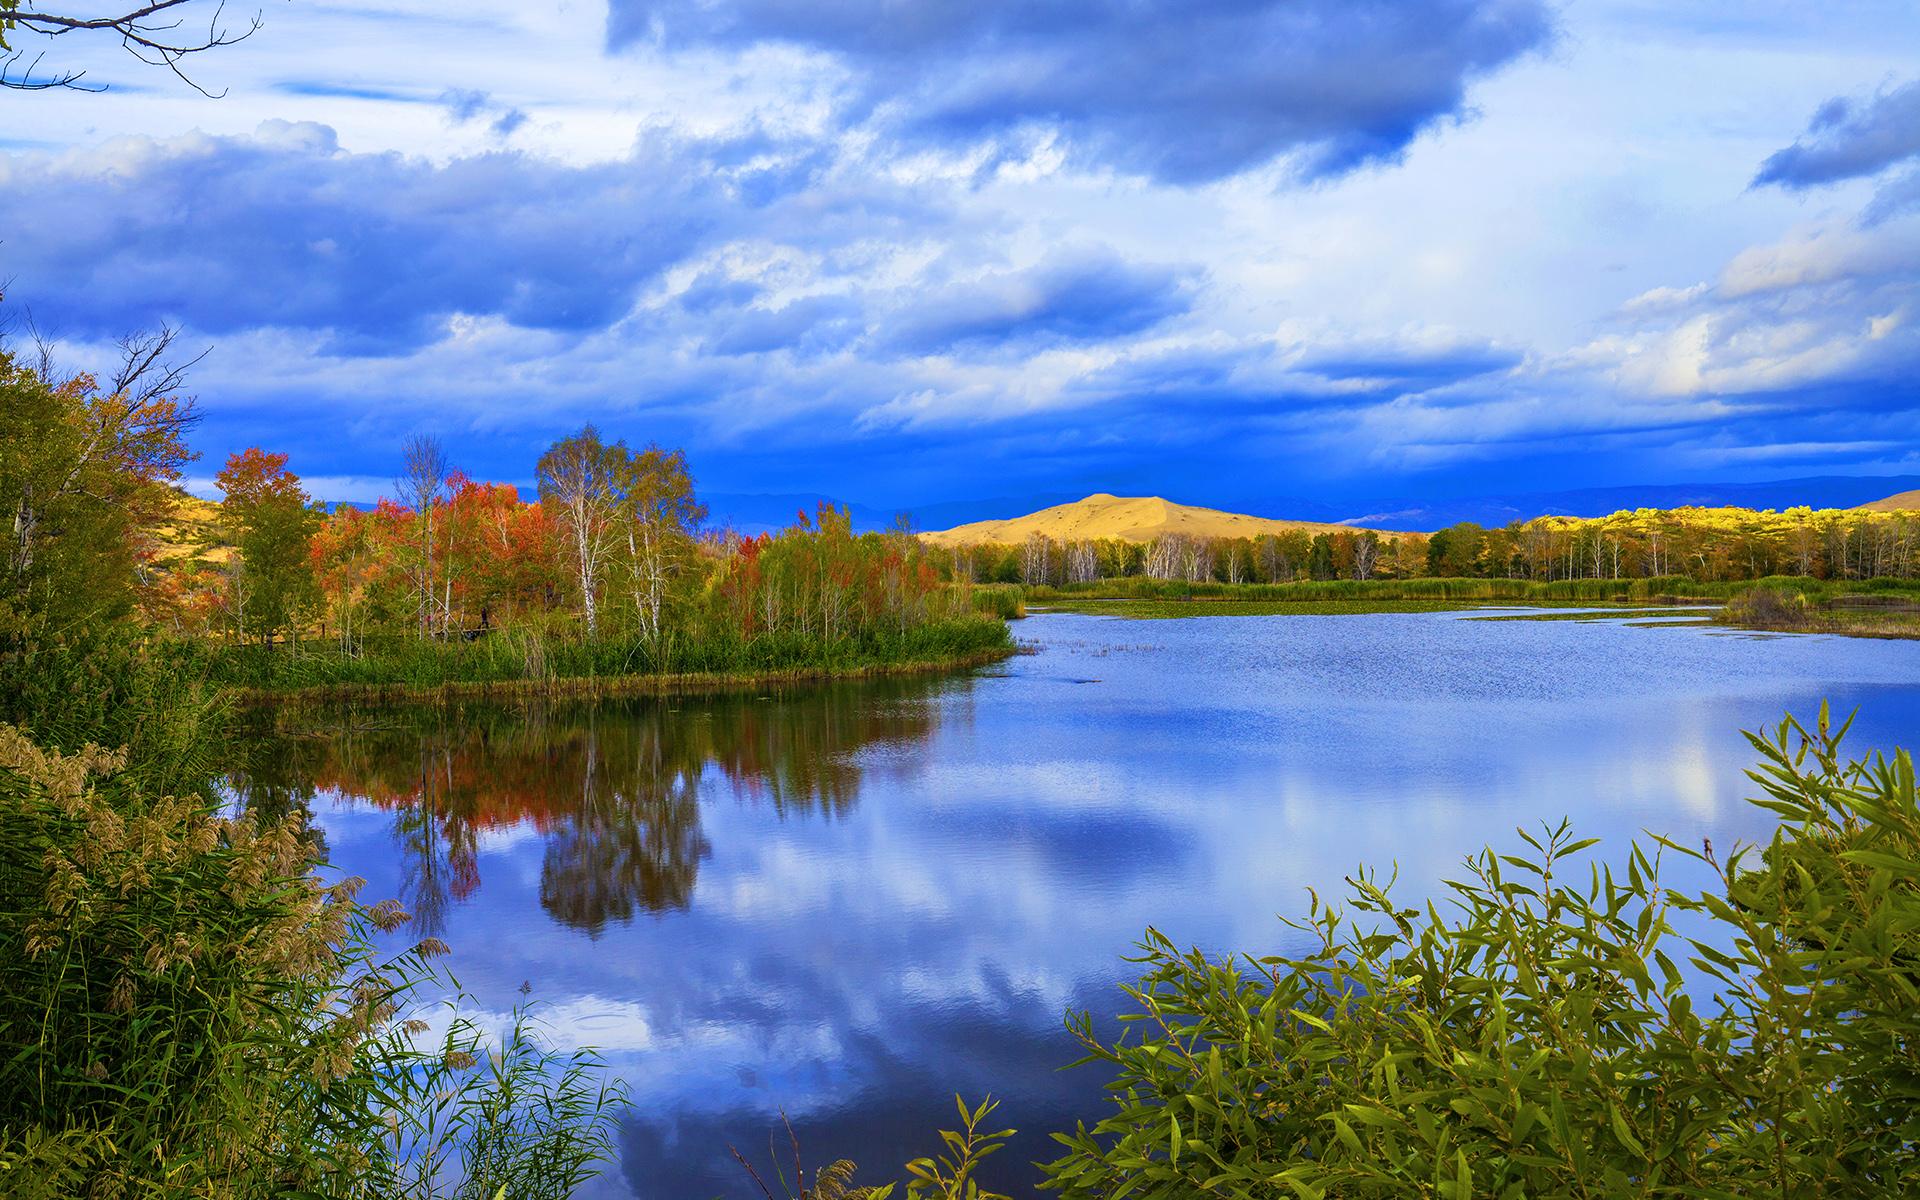 新疆白沙湖自然风景高清图片壁纸(1/6)